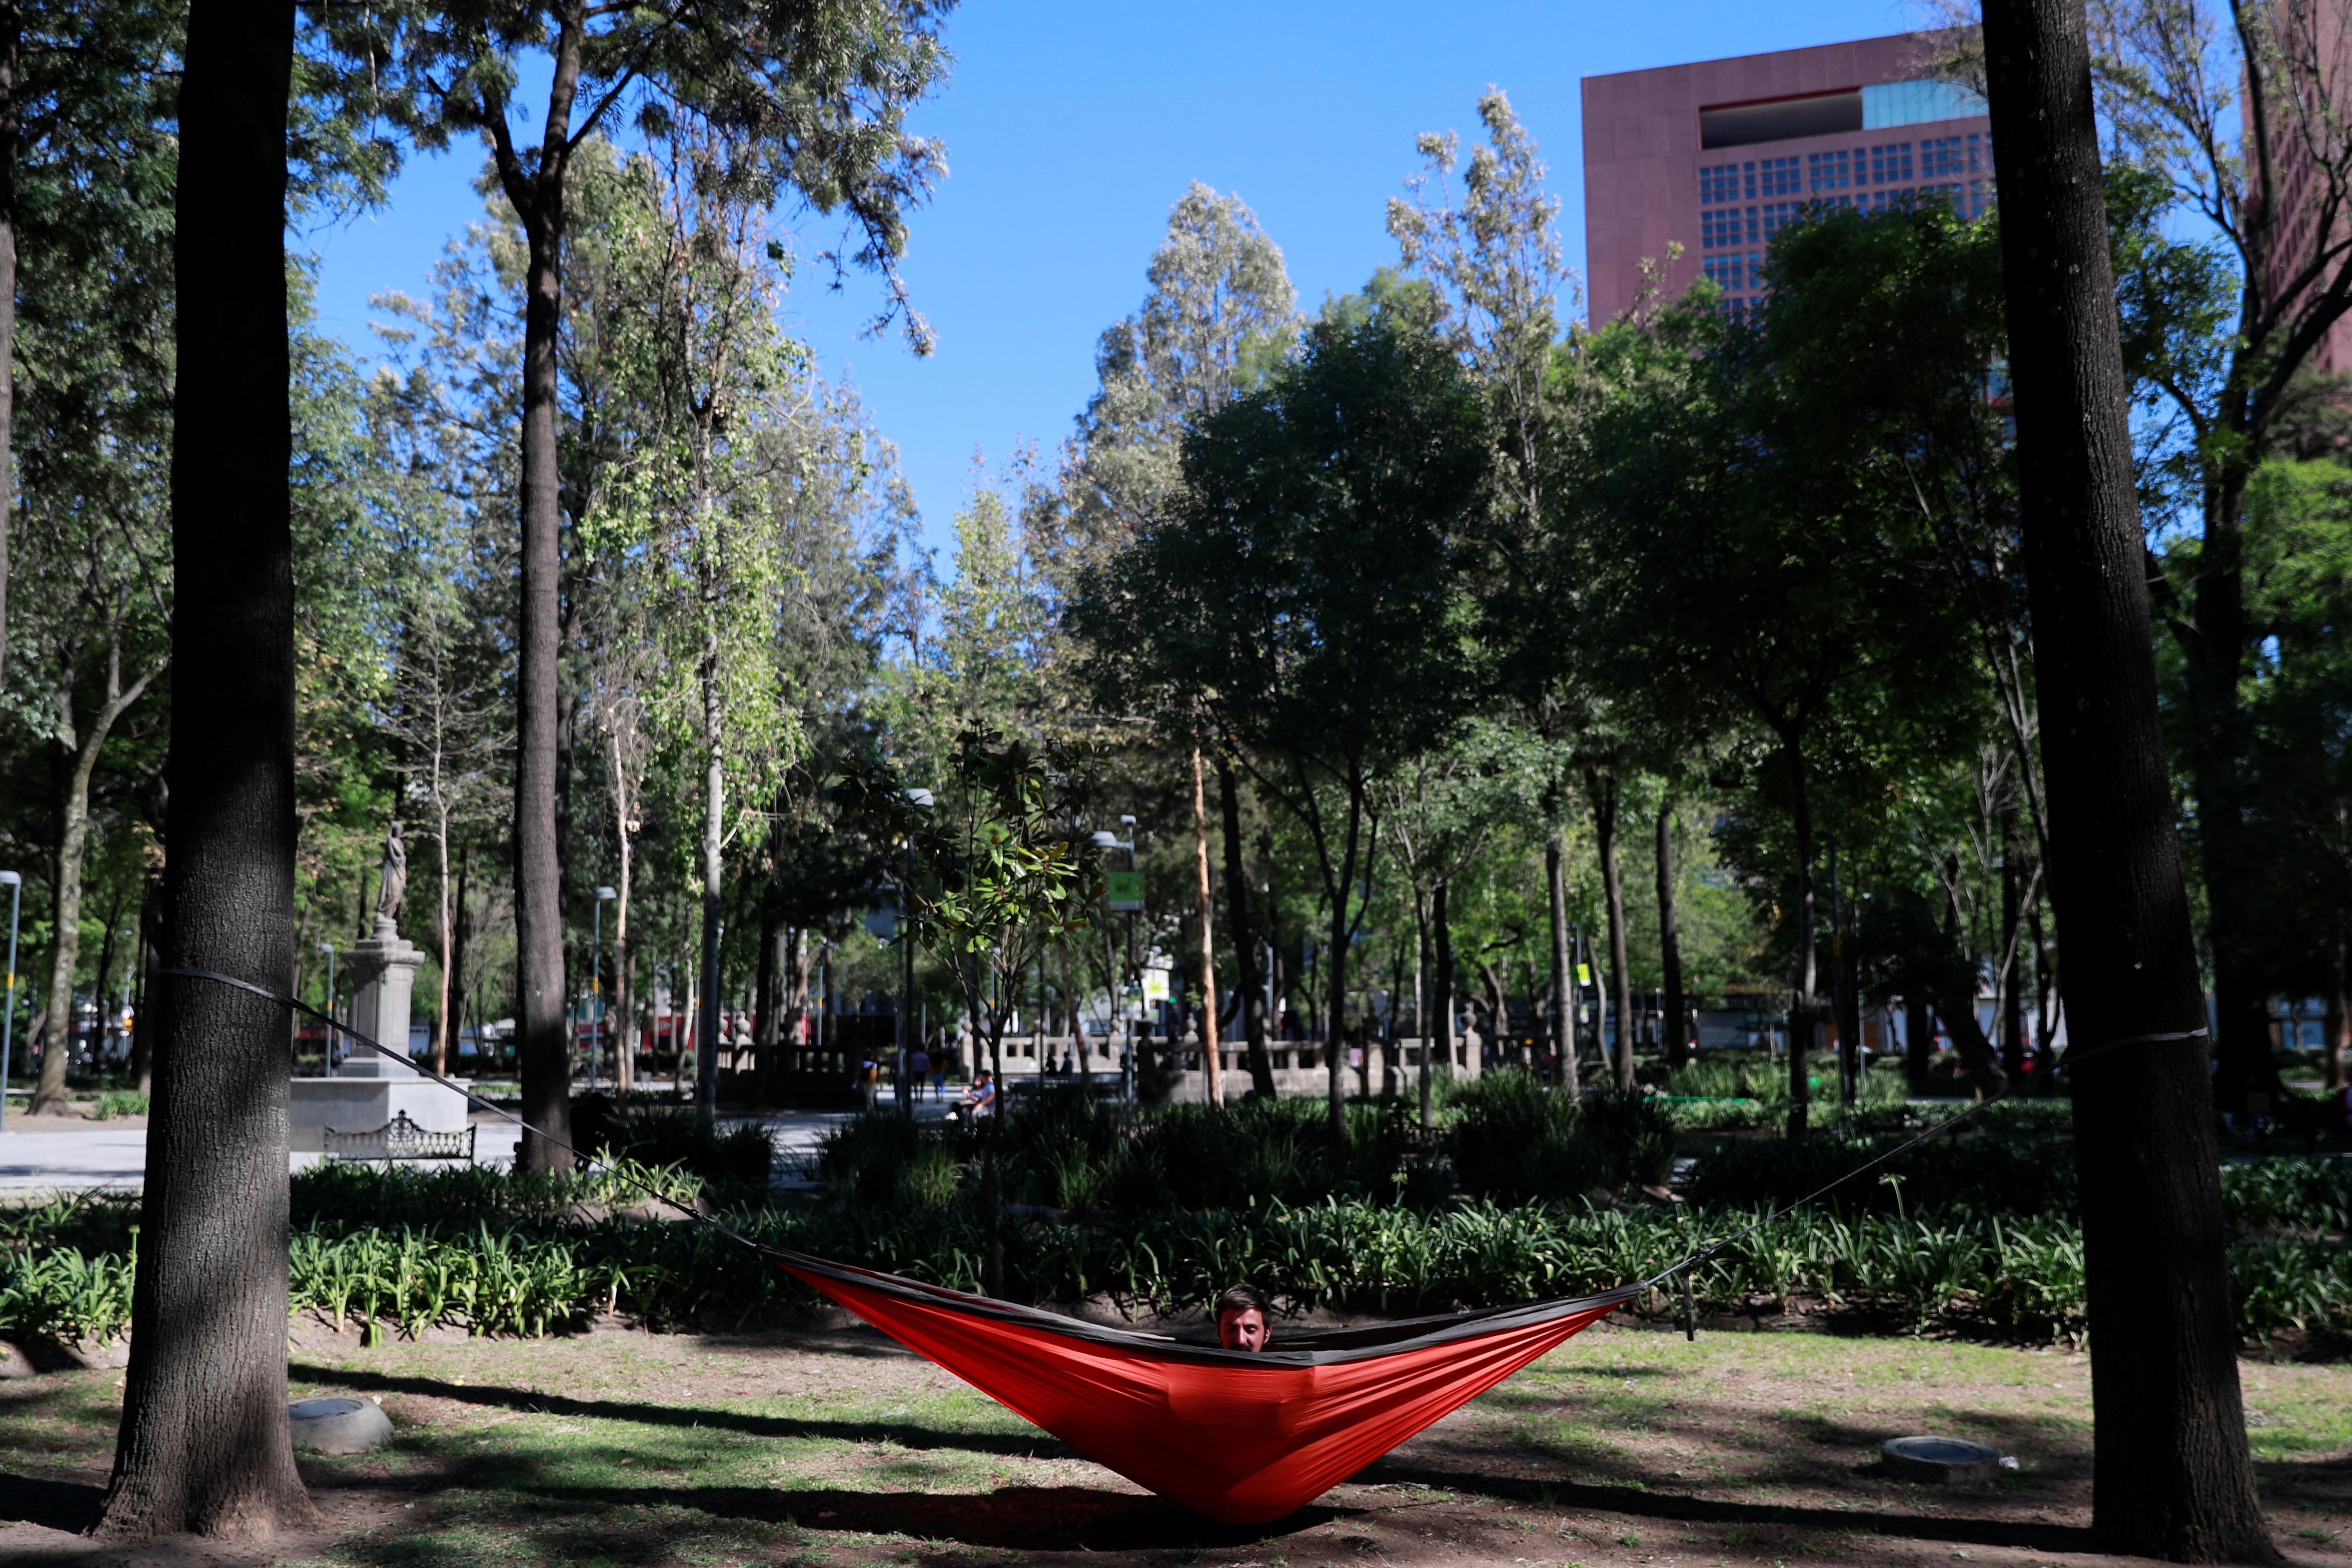 Un hombre se sienta en su hamaca en el Parque Central de la Alameda después de que fue reabierta al público mientras el brote de la enfermedad por coronavirus (COVID-19) continúa en la Ciudad de México, México, 14 de junio de 2020. Foto: Reuters.